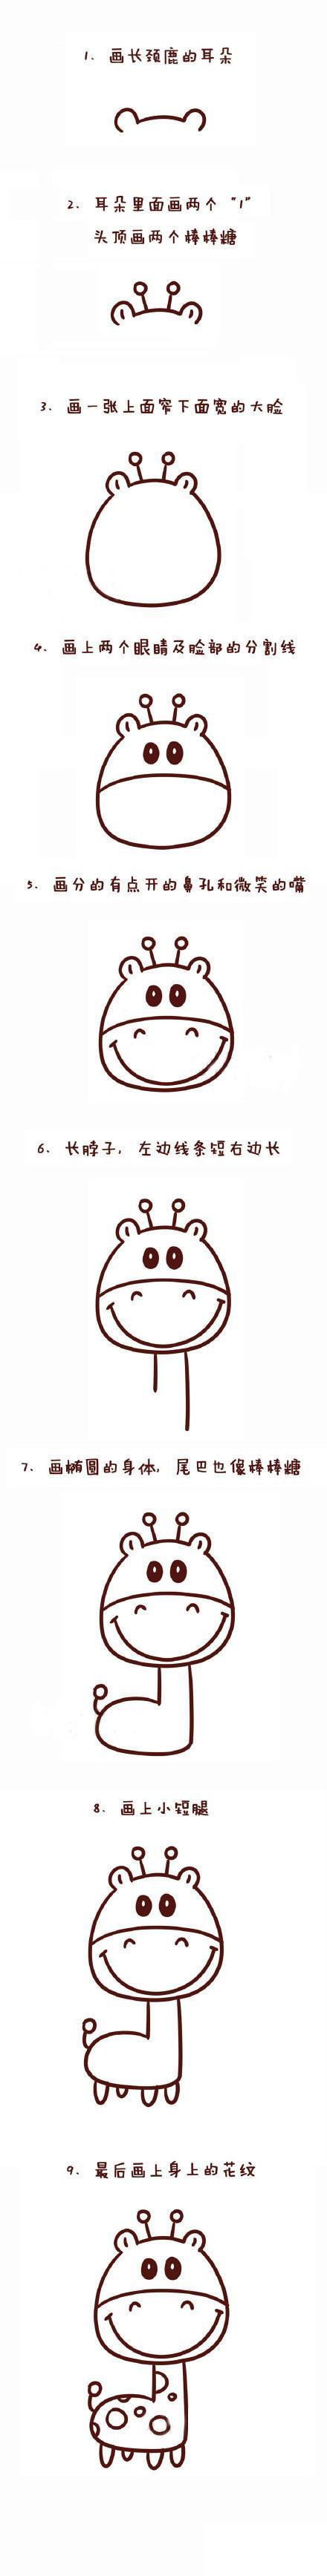 表情 简笔画也能惟妙惟肖,9种萌萌哒动物简笔画 搜狐母婴 搜狐网 表情